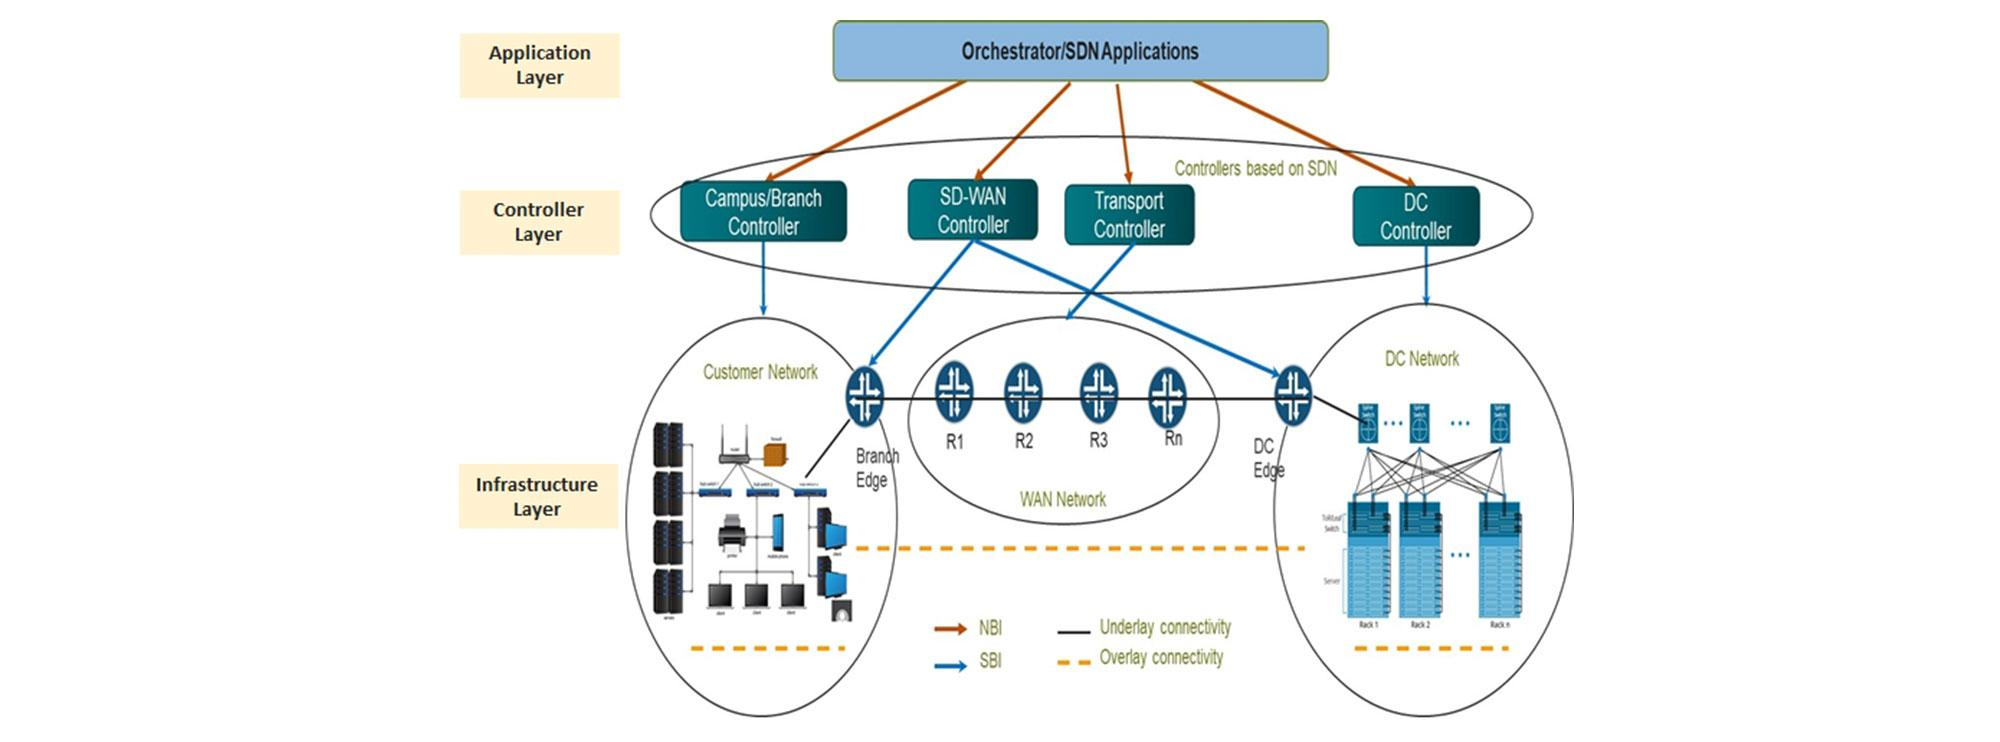 SDN/SD-WAN Services